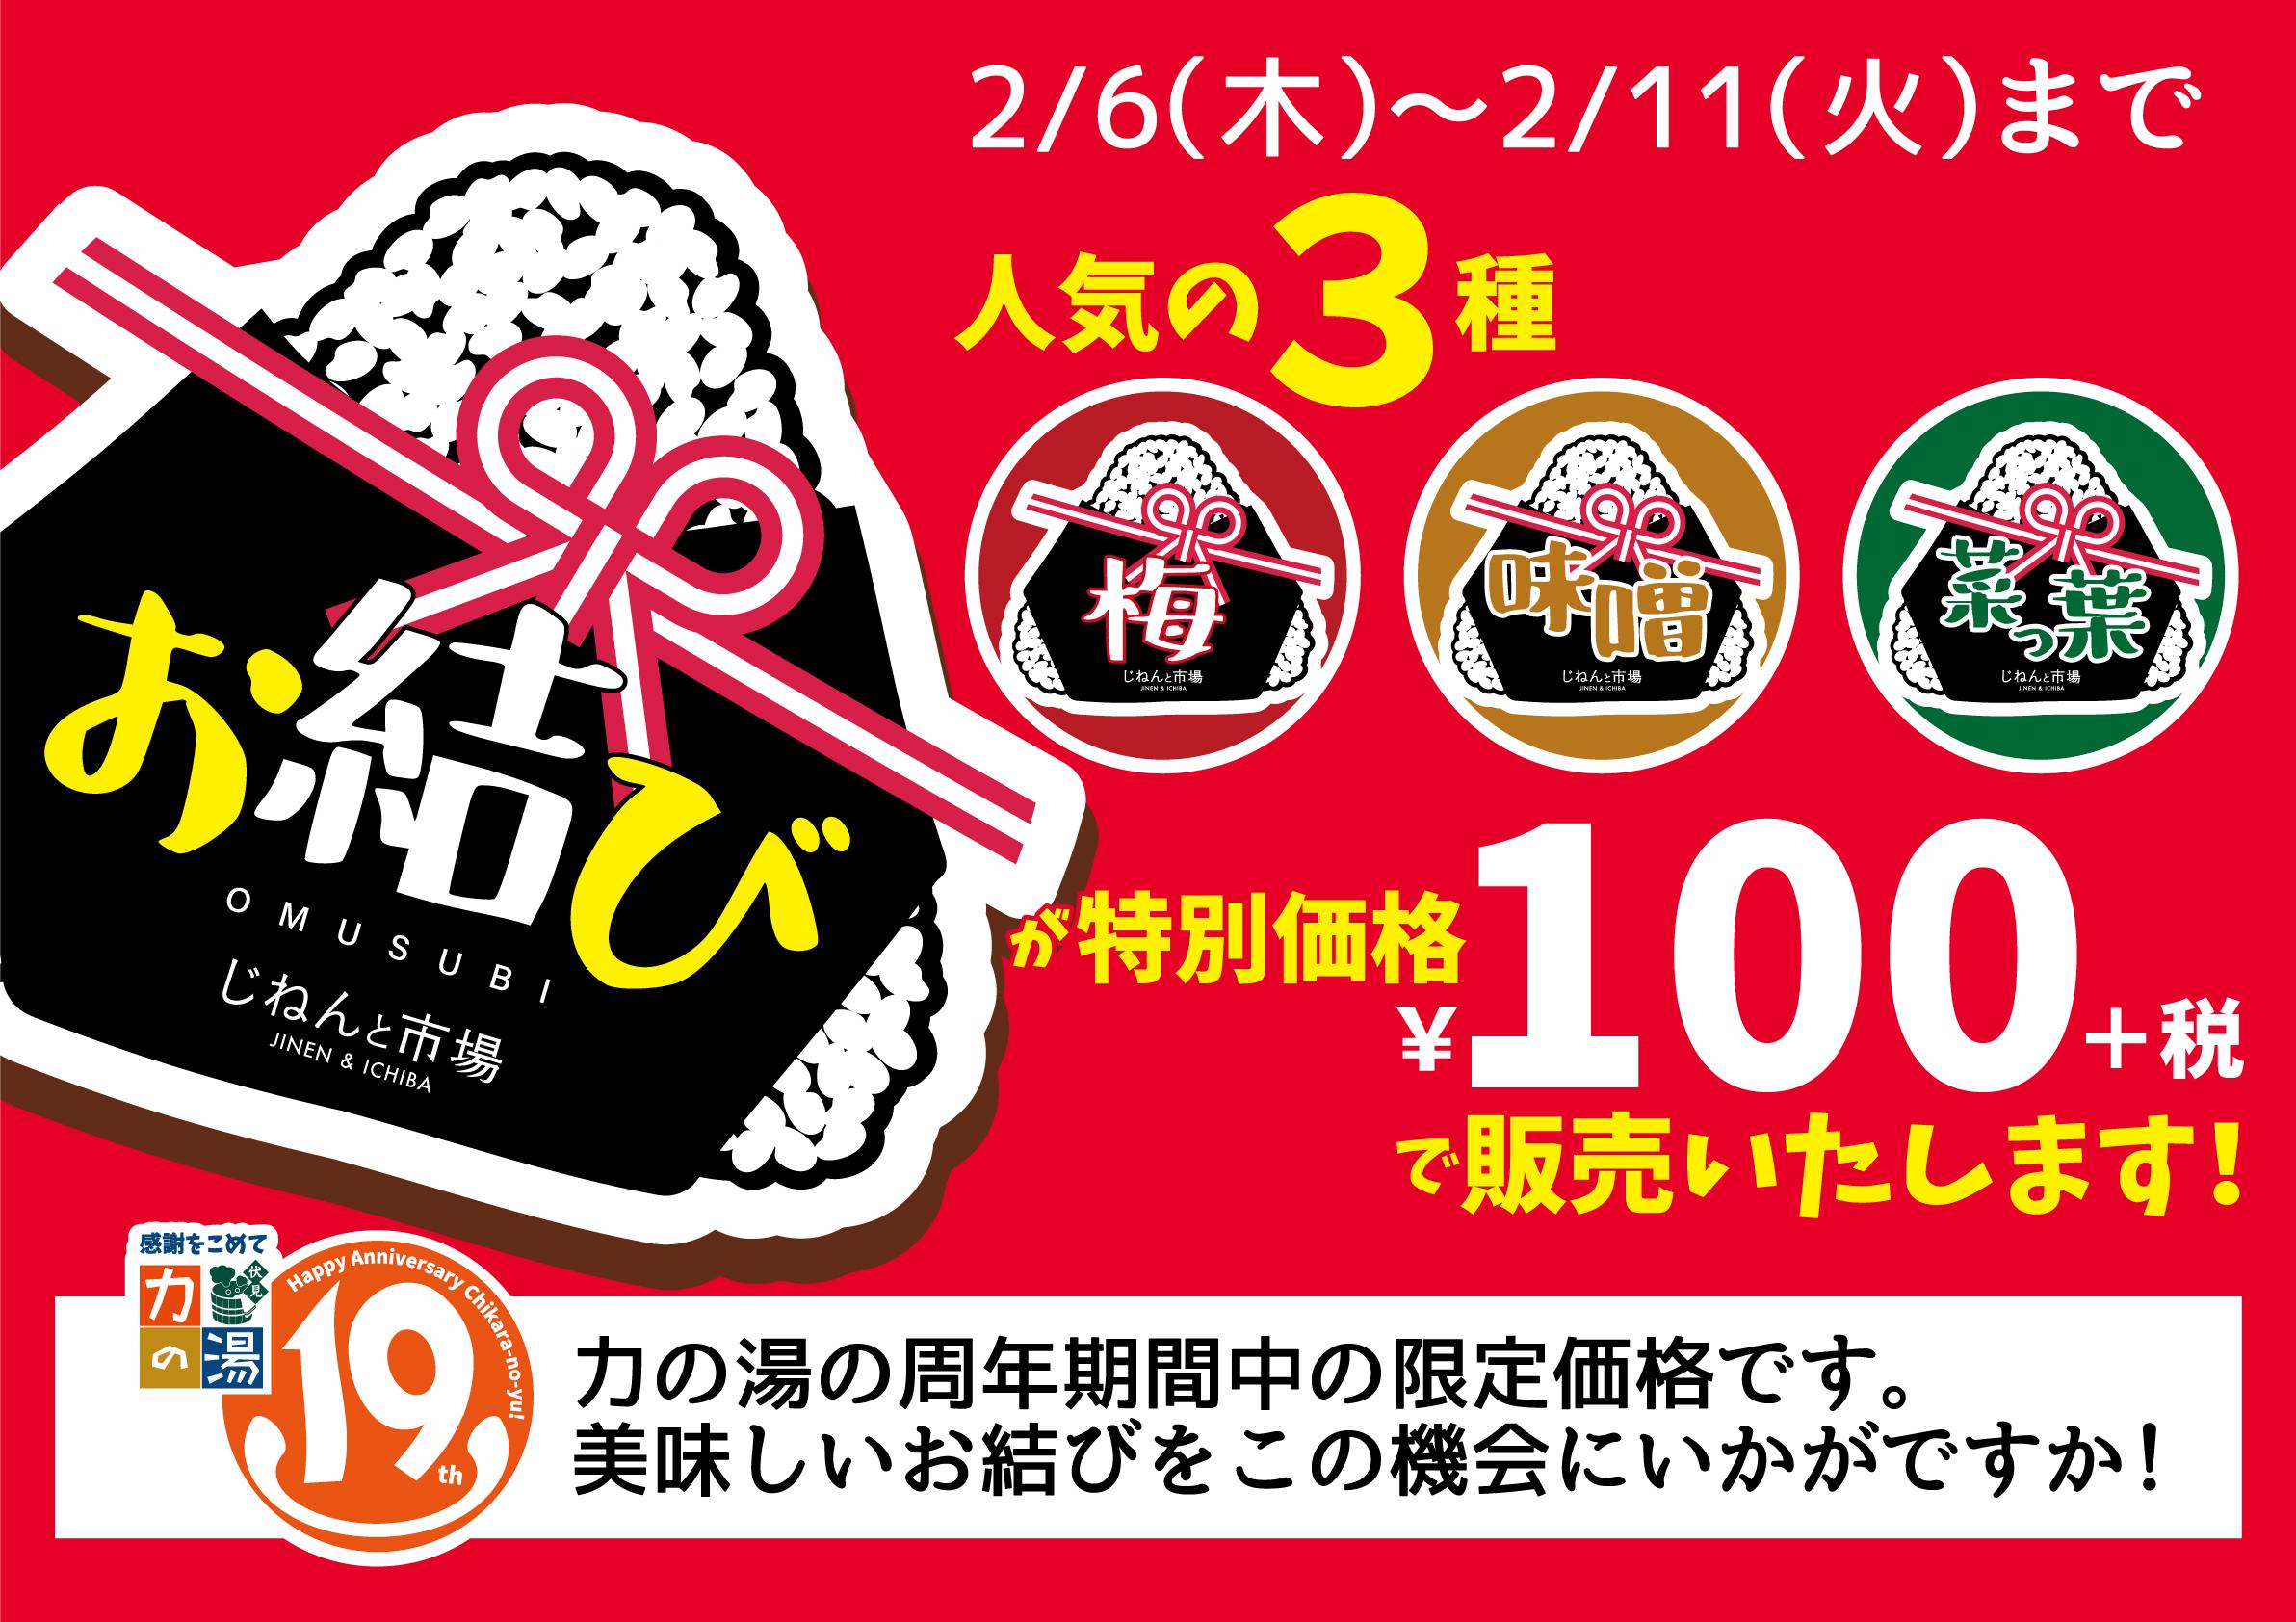 力の湯19周年協賛イベント